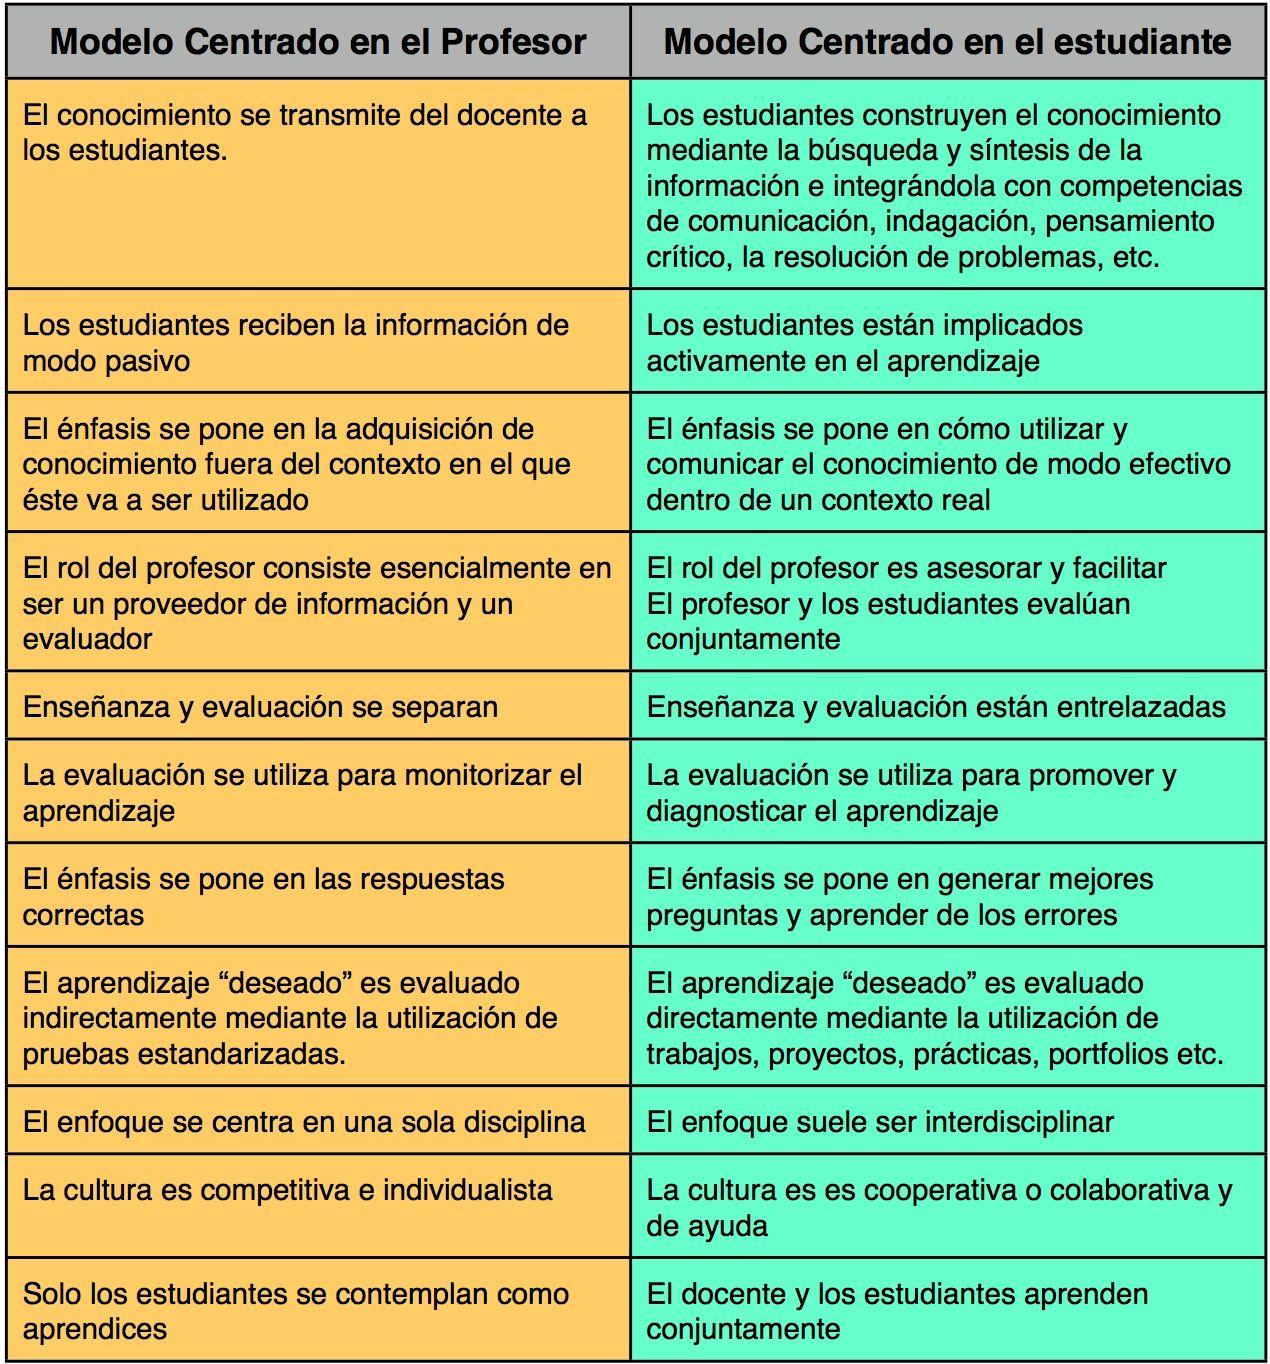 El modelo centrado en el profesor vs modelo centrado en el alumno